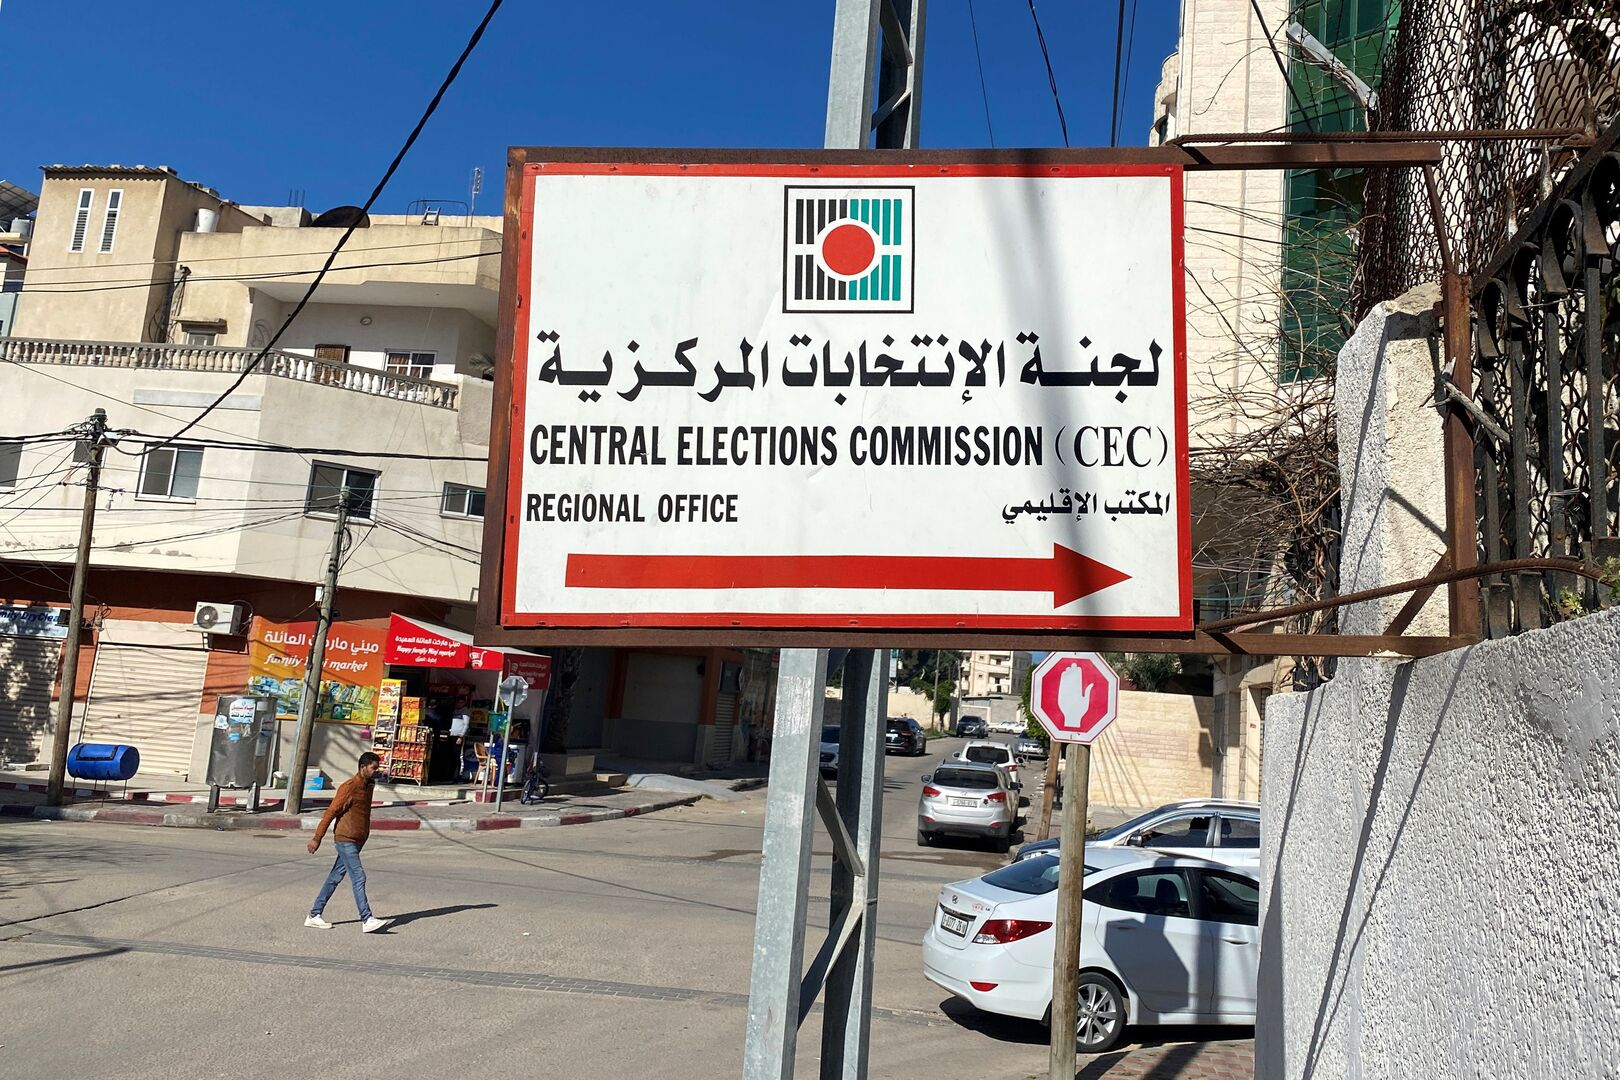 الفلسطينيون للمرة الأولى منذ 15 عاما يستعدون للمشاركة في الانتخابات التشريعية والرئاسية